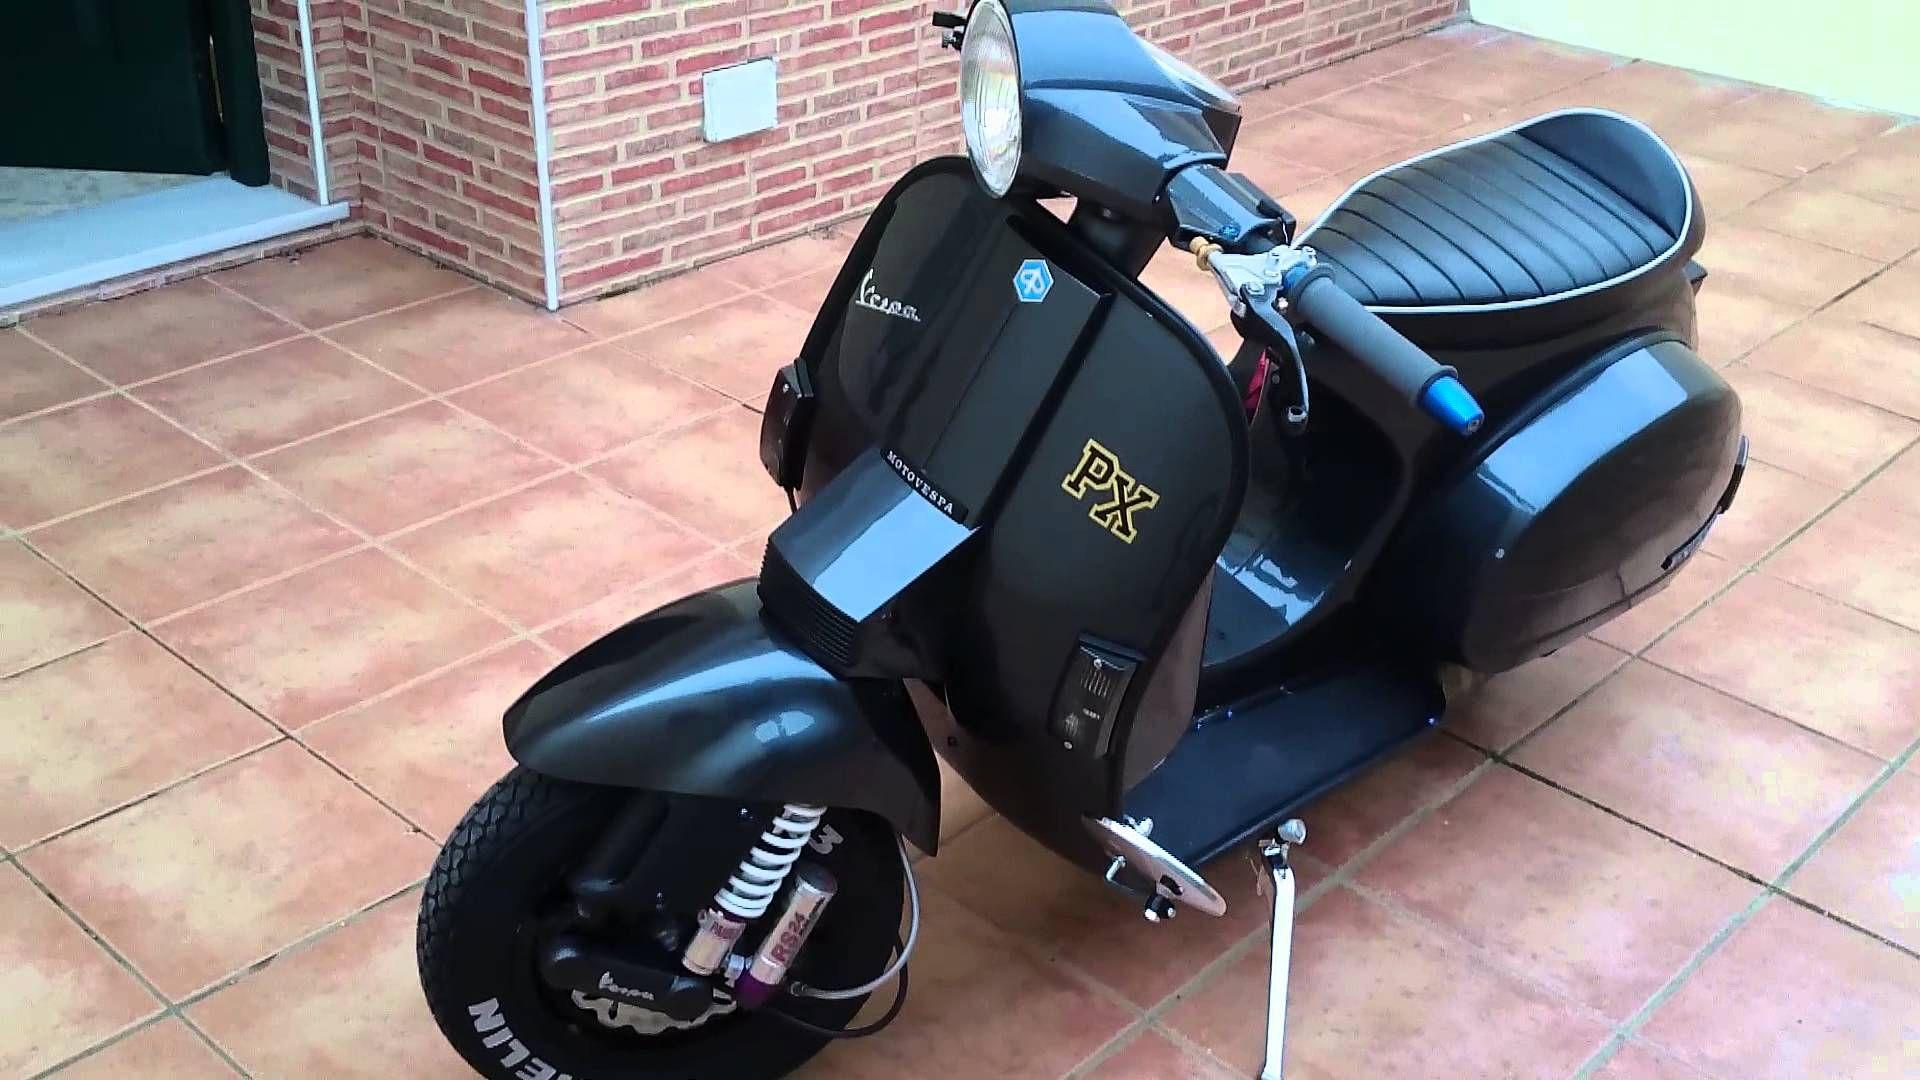 Show Vespa px200 iris classic/sport tune - YouTube | vespa ...